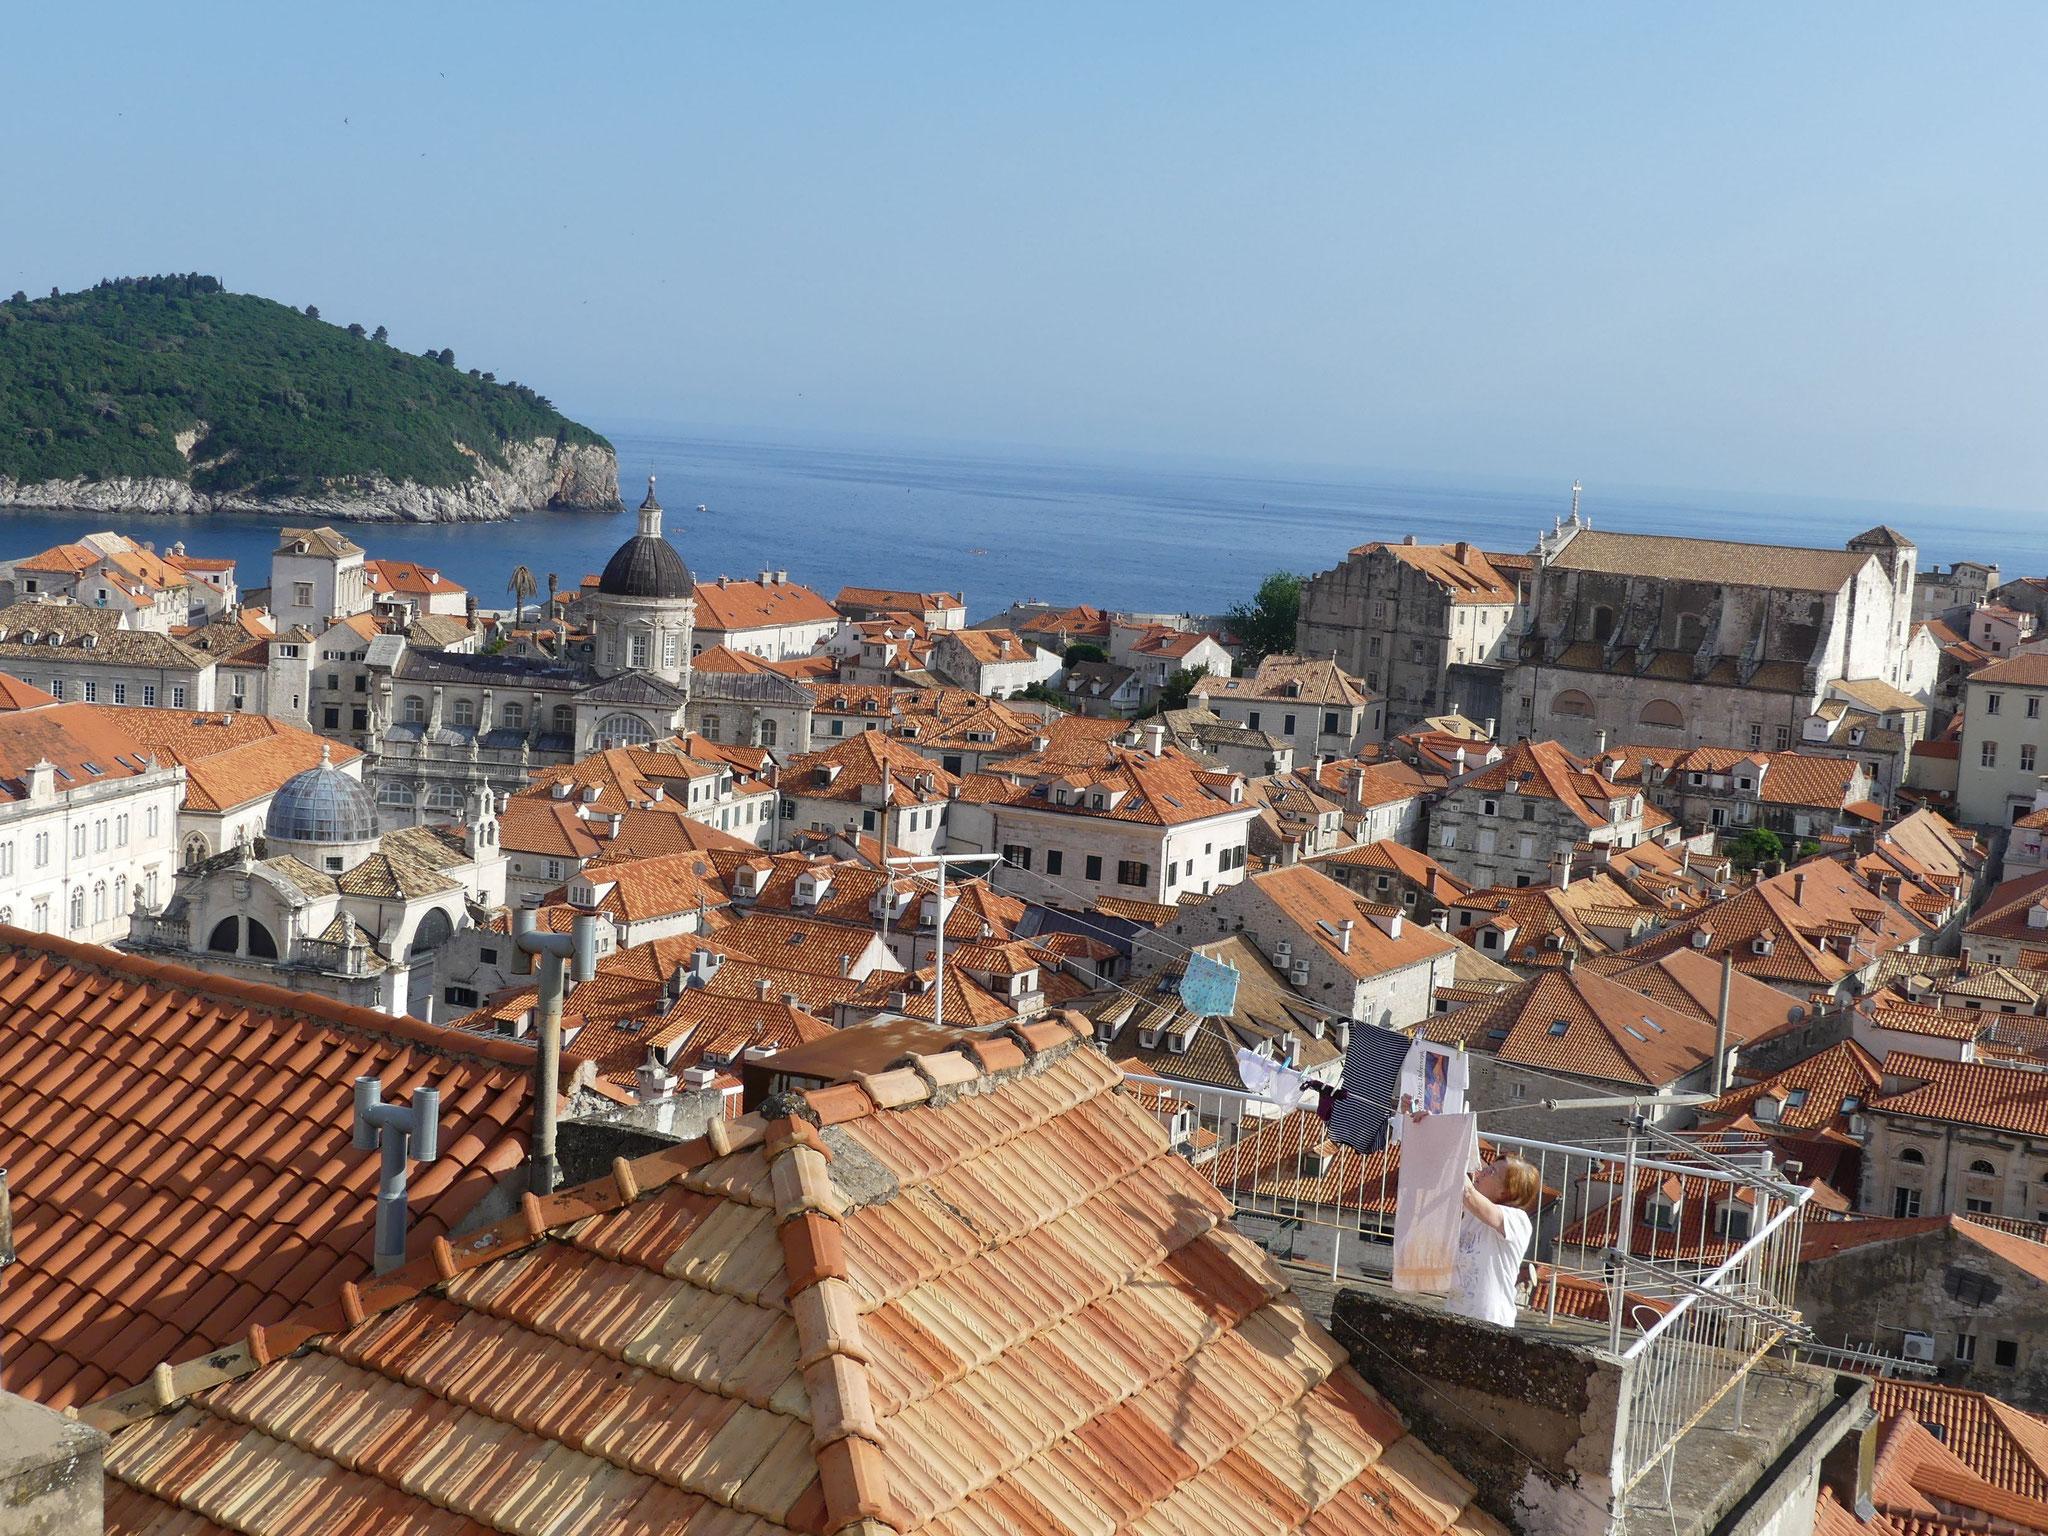 Wunderschöne Dächer, die meisten sehr neu gedeckt, aber alle rot!